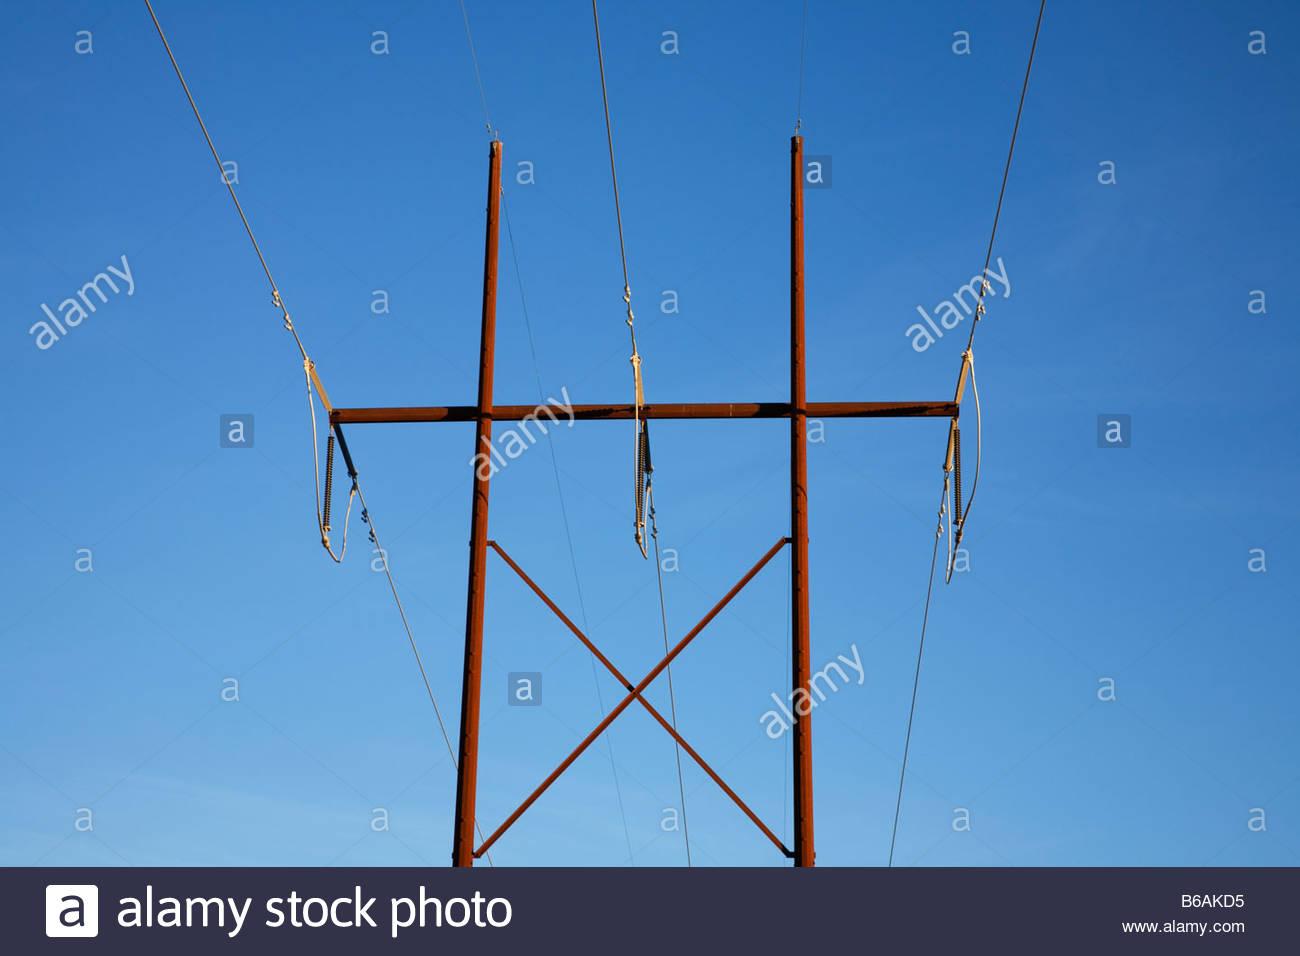 stock photo weathering steel power poles cor ten steel corten steel blue sky power lines